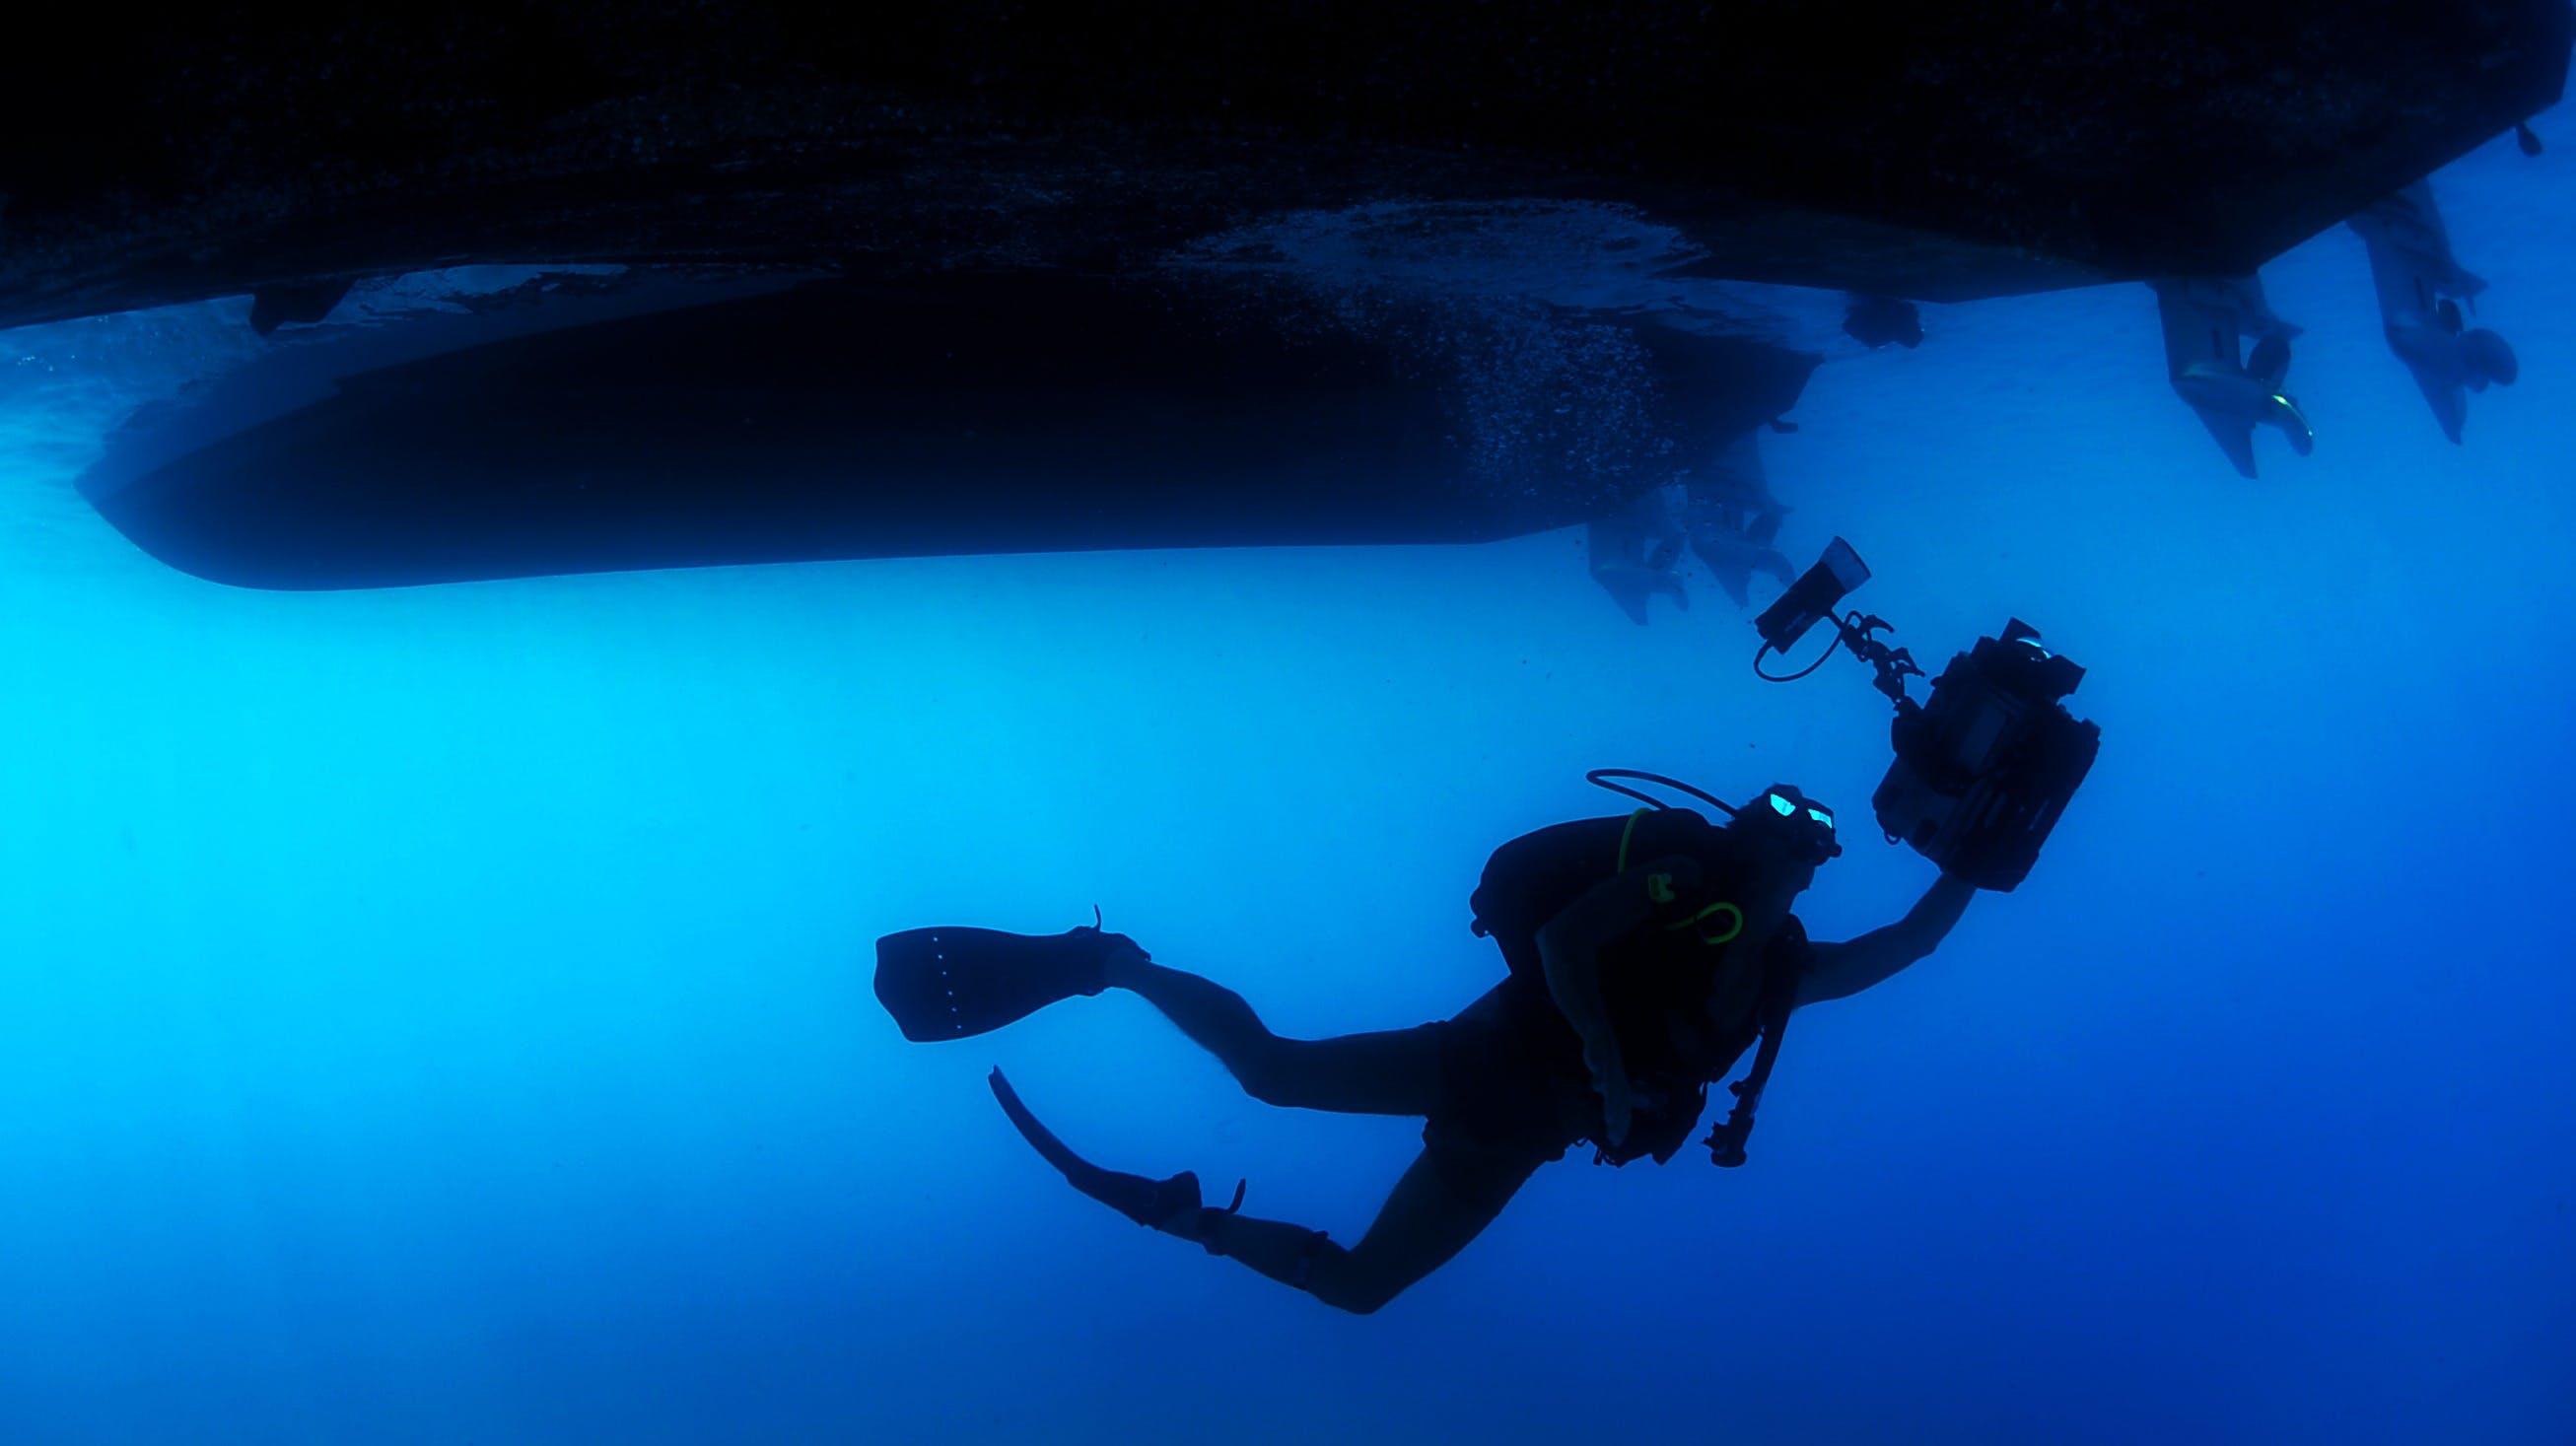 Gratis lagerfoto af dykker, hav, person, undervands